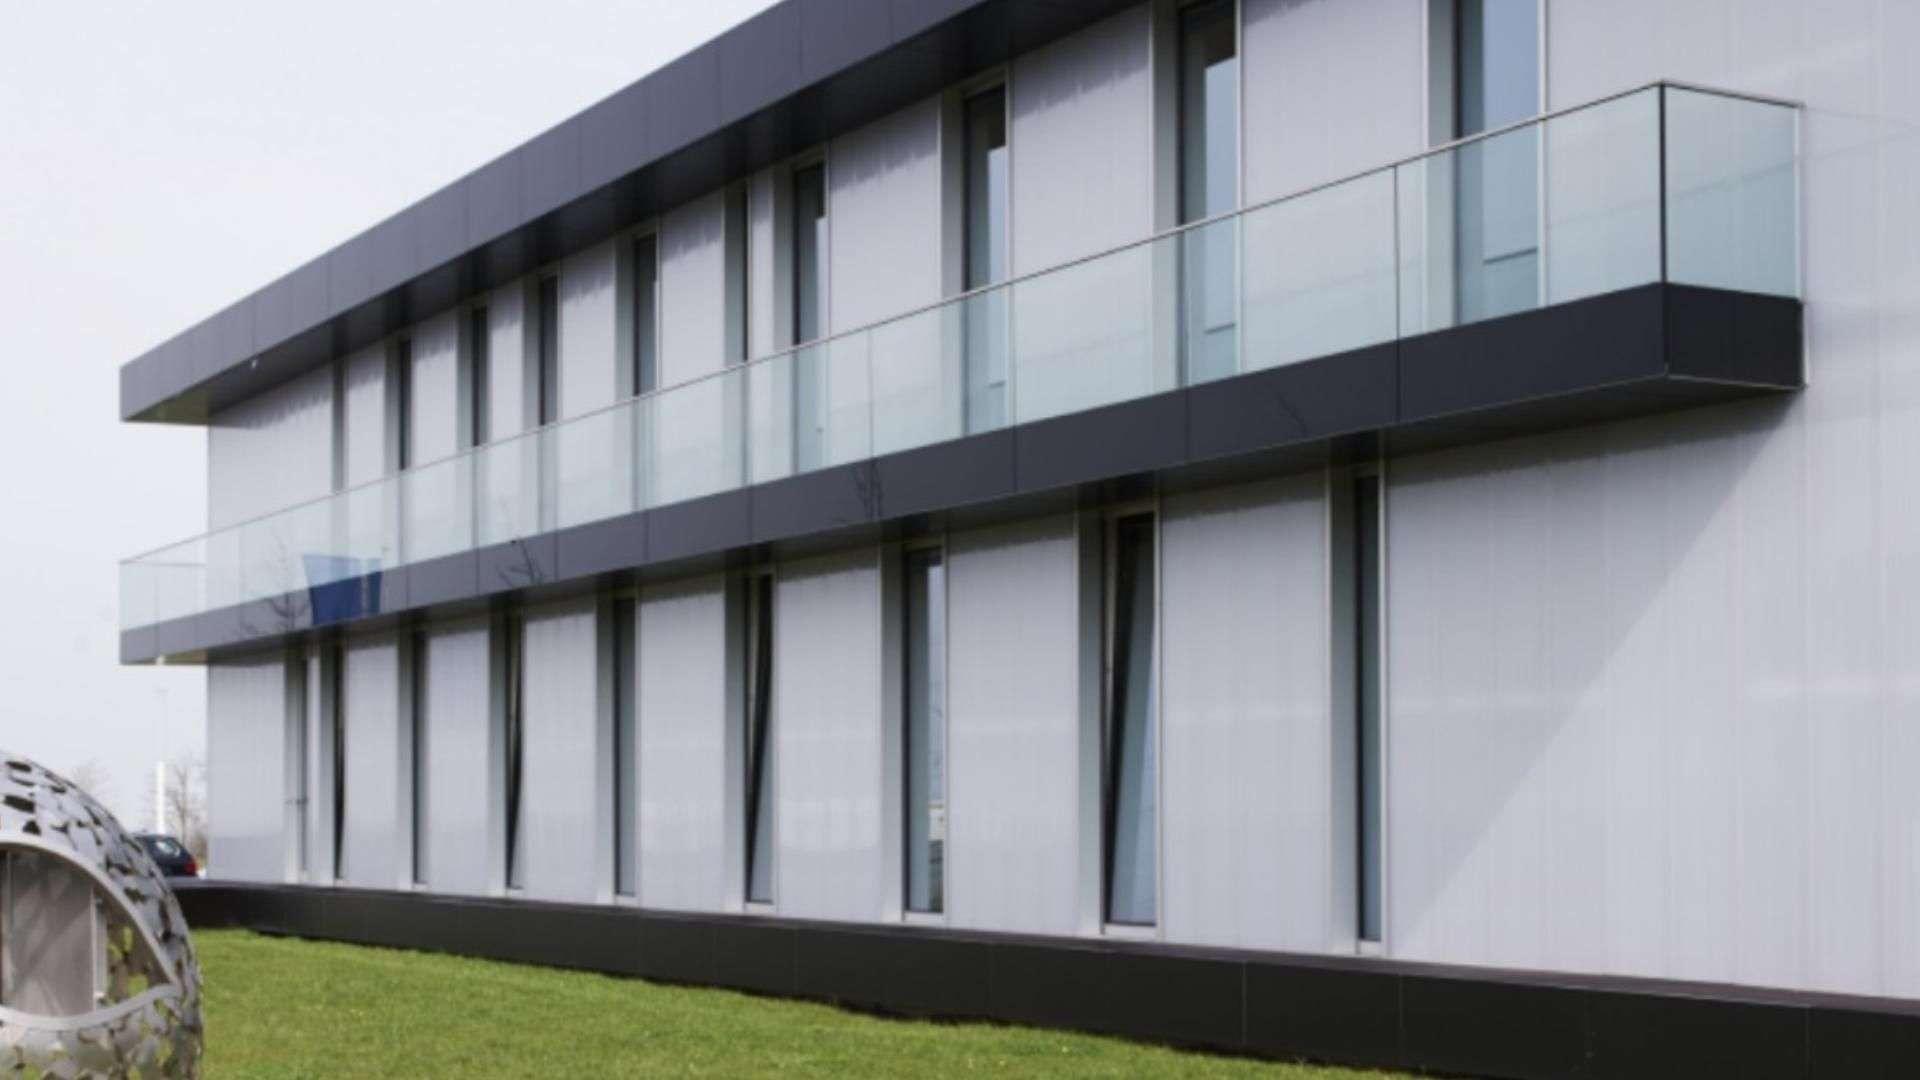 langer Balkon mit Glas-Geländer an einem Gebäudekomplex